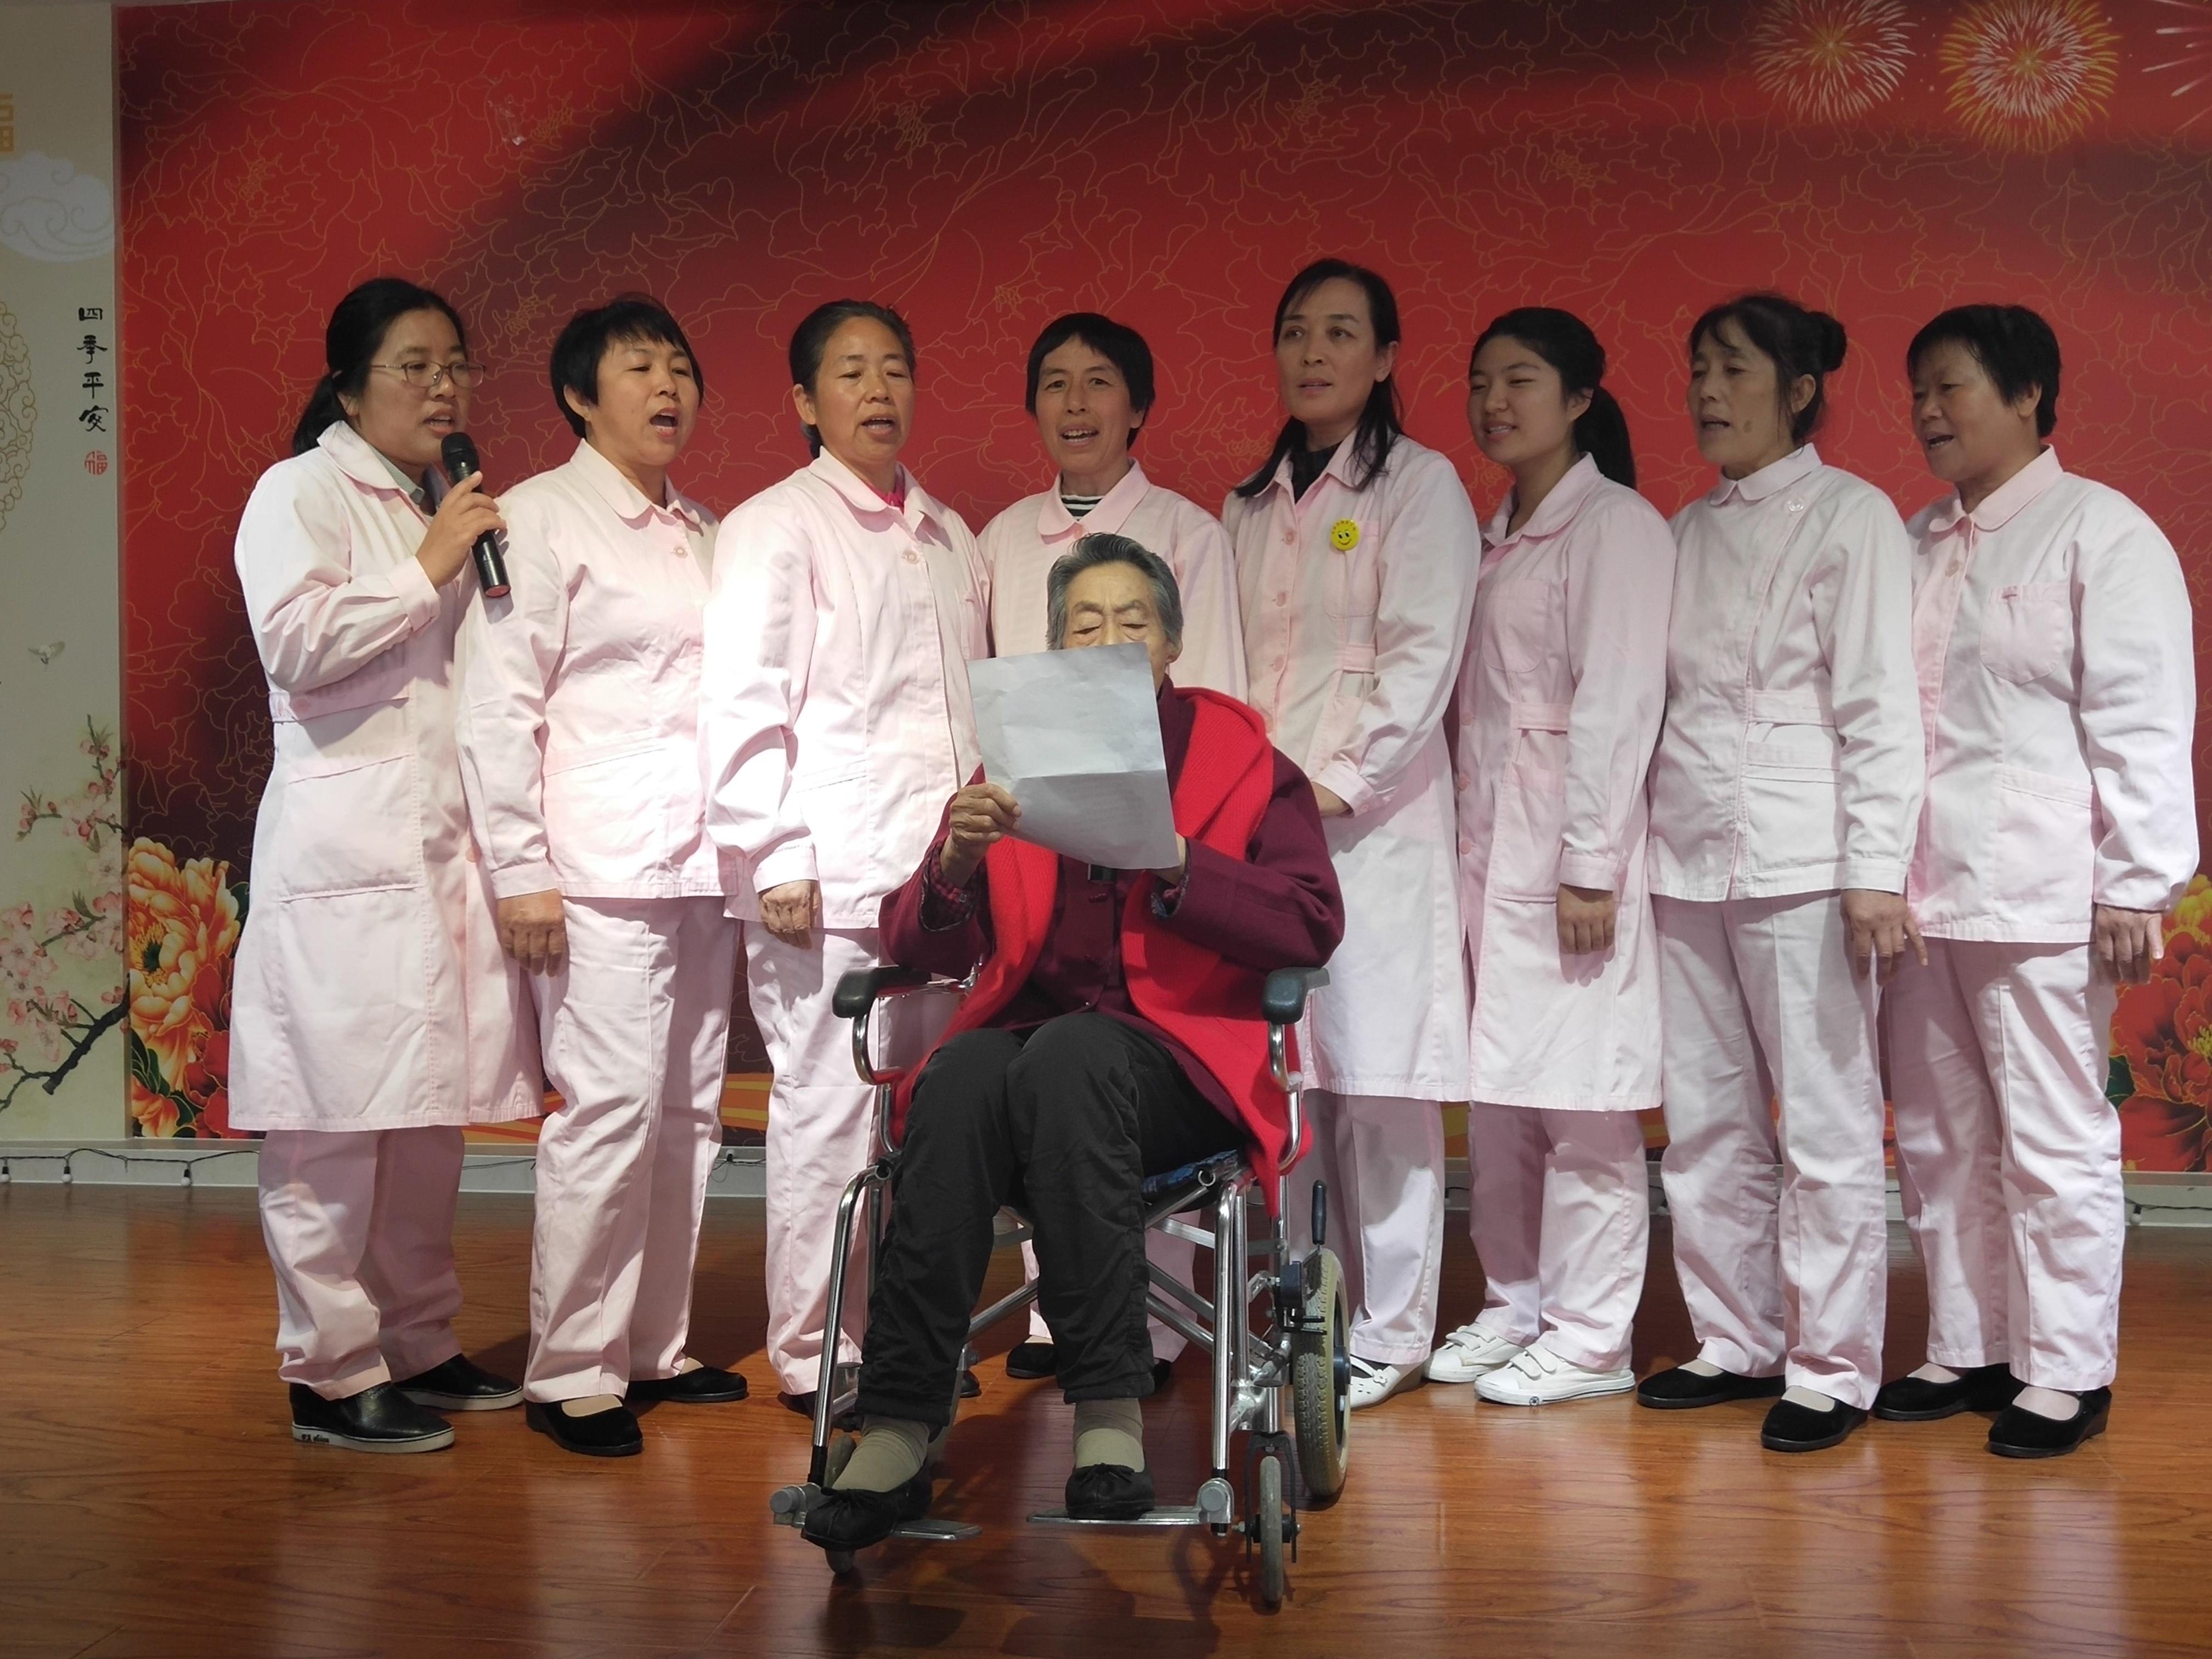 关爱老人晴暖重阳东营老年乐园举办重阳节联欢会